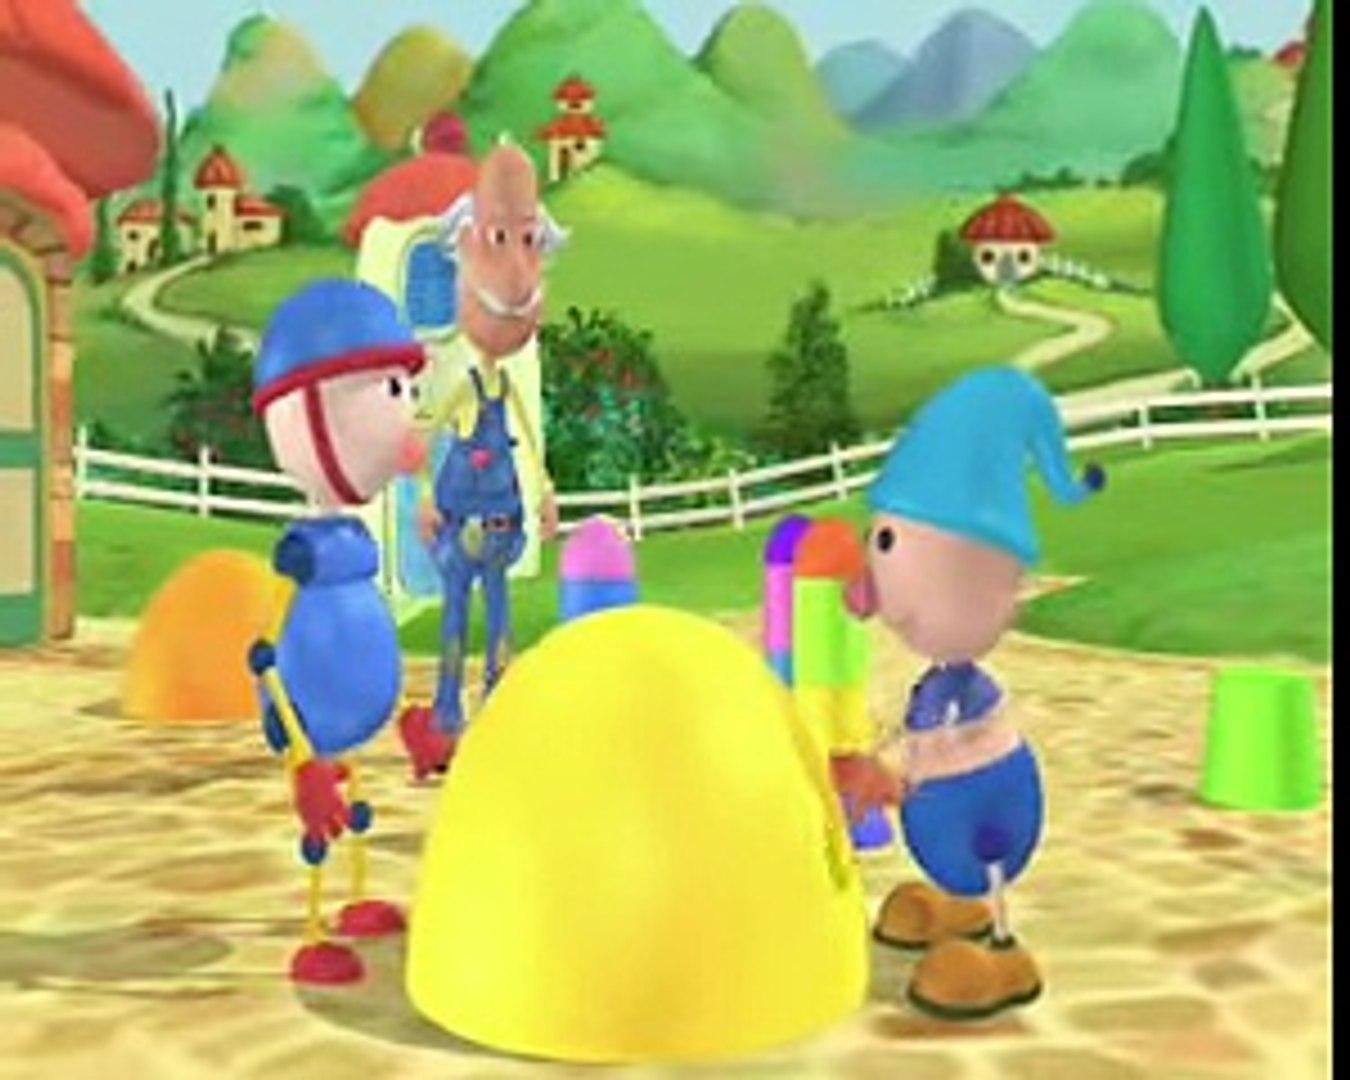 Grandpa Joe's magical playground baby cartoon